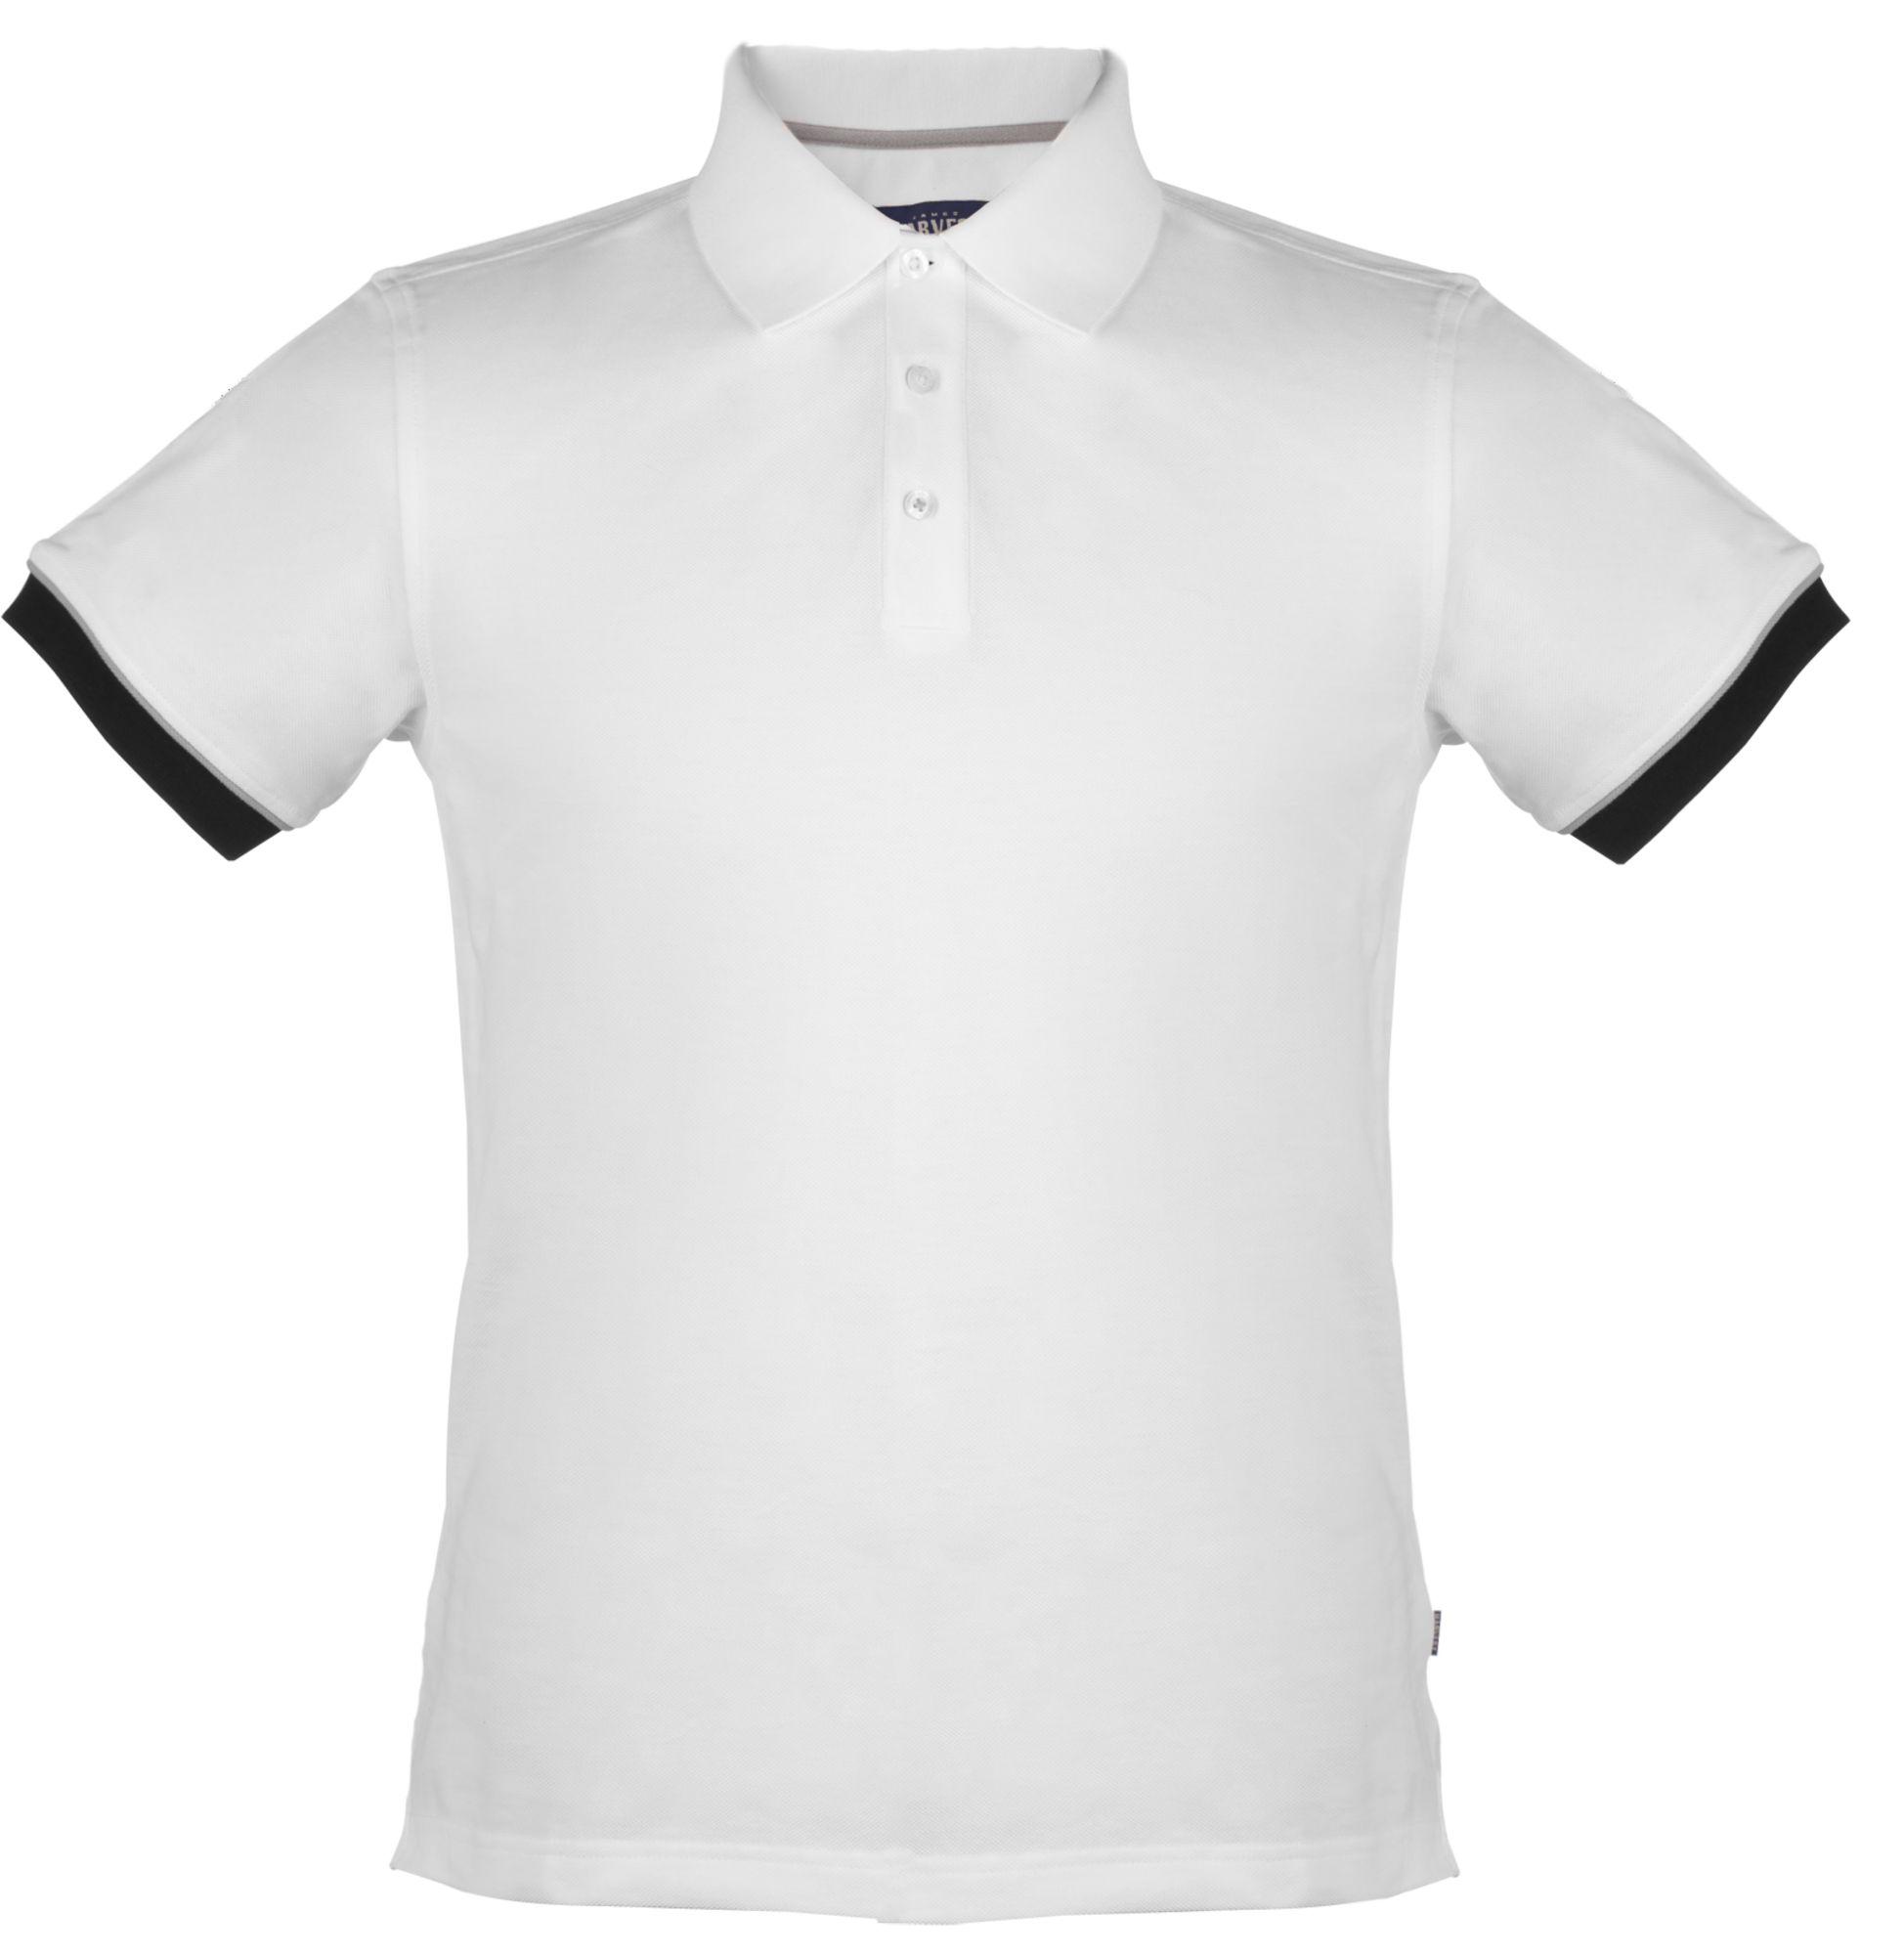 Рубашка поло мужская ANDERSON, белая с черным